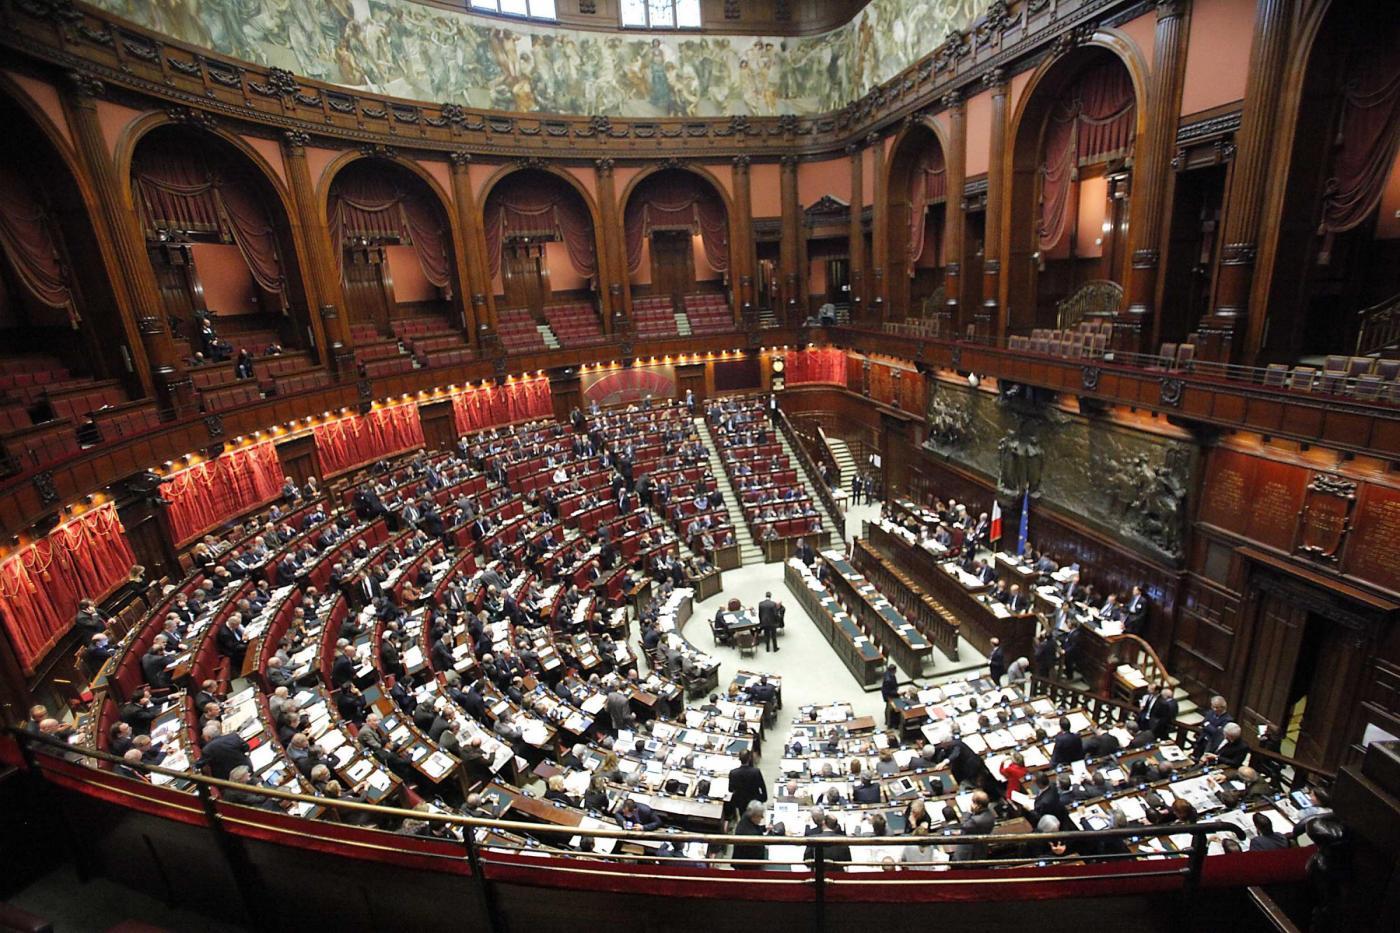 Da luned redditi di senatori e deputati consultabili dai for Camera dei deputati diretta tv